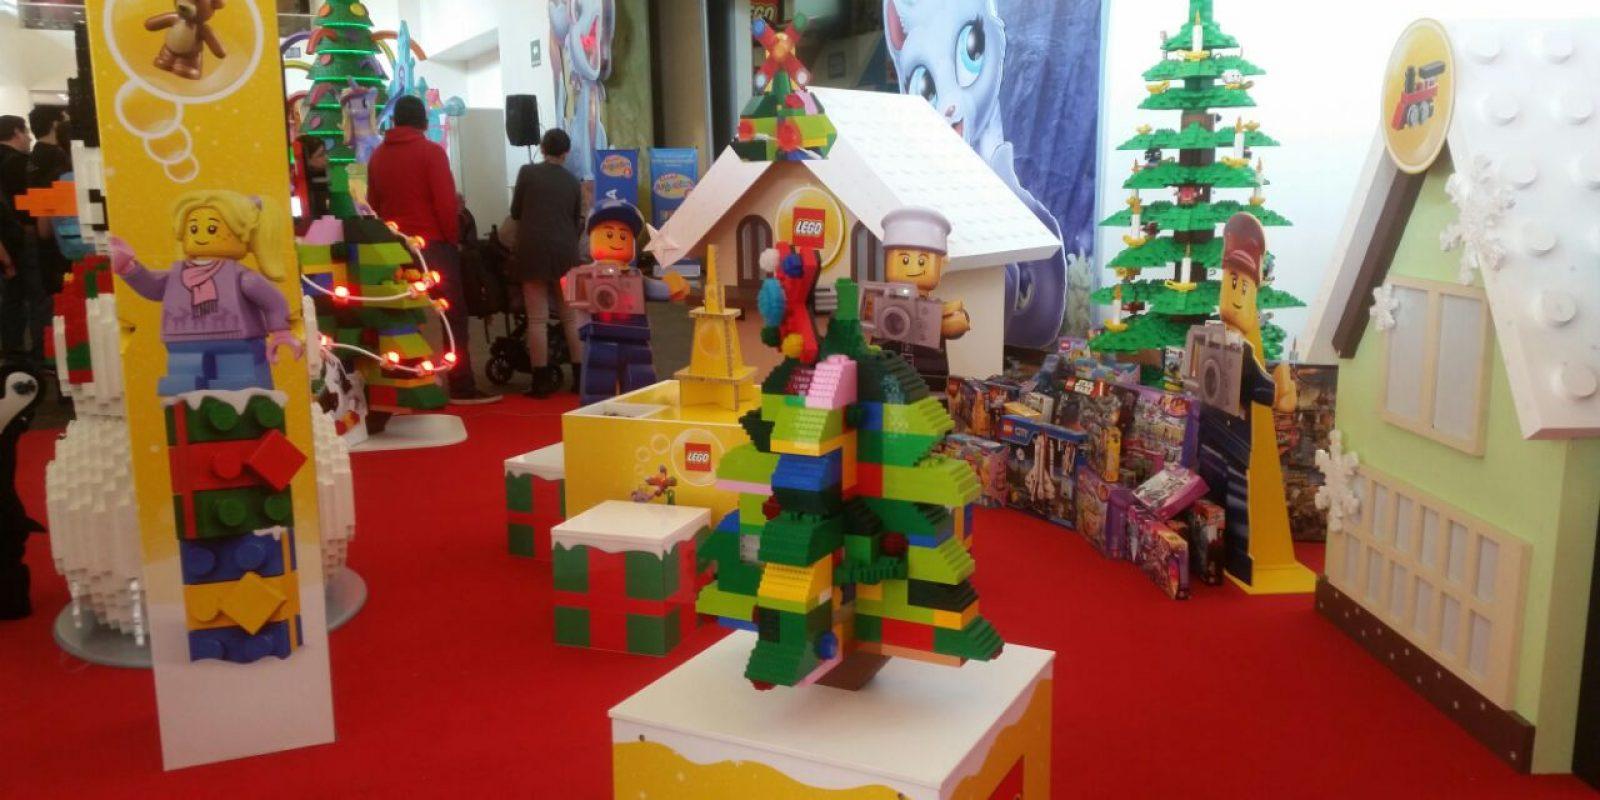 Los Lego son algunos de los más buscados por los niños. Imagen Por: Alexandra Ortiz